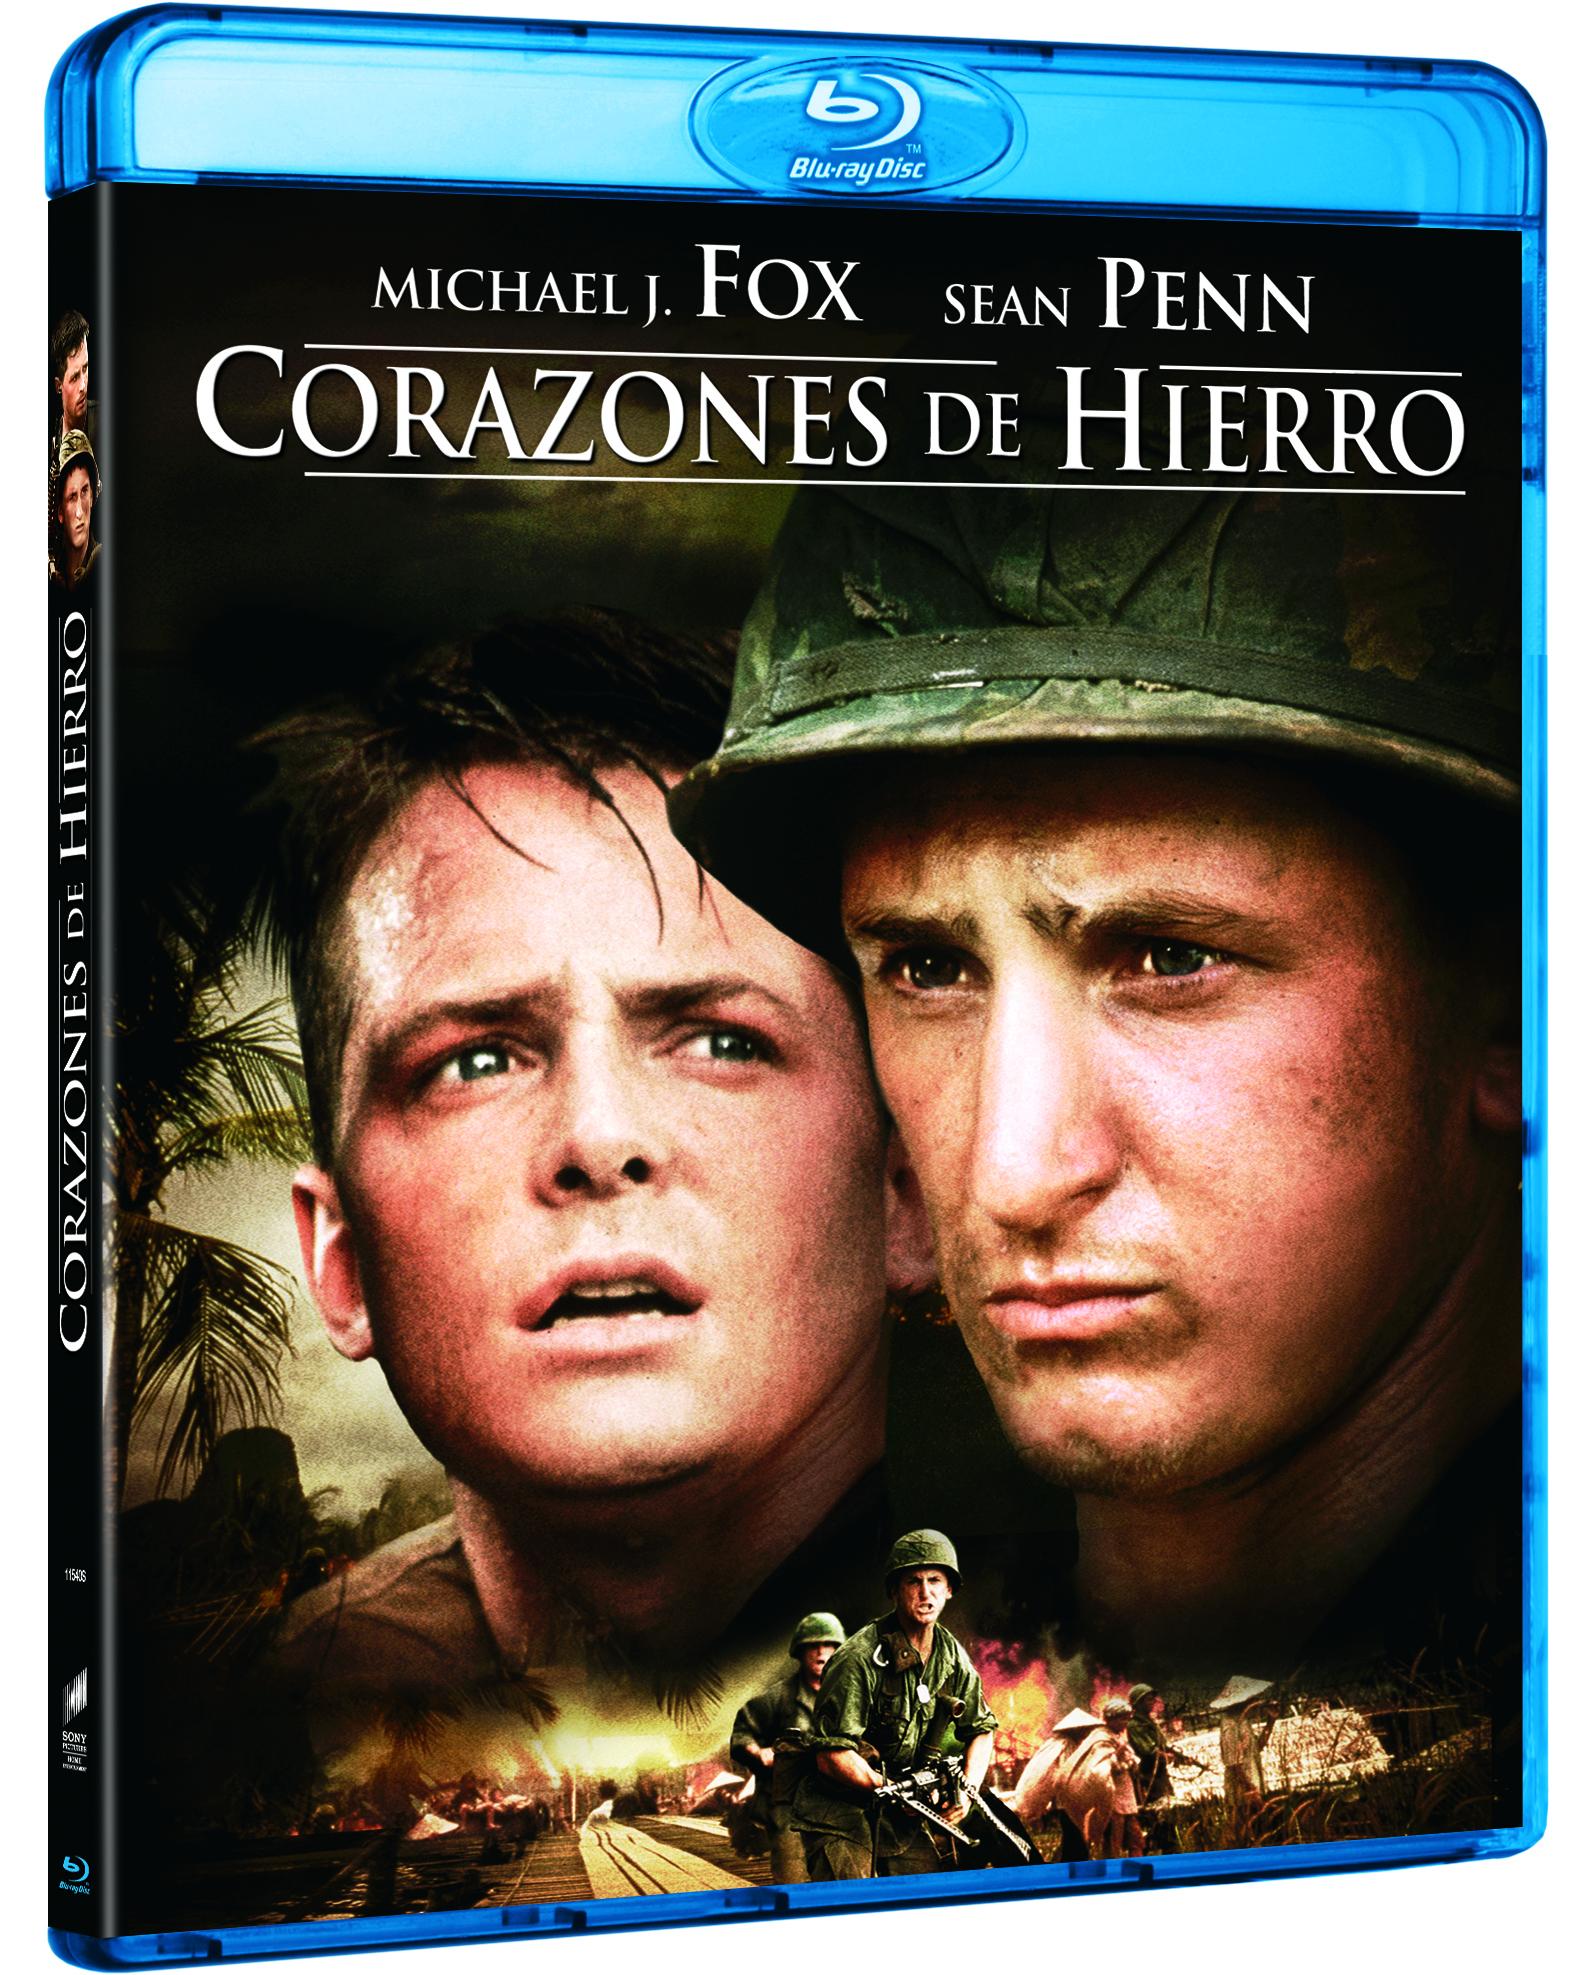 Corazones de Hierro Blu-ray